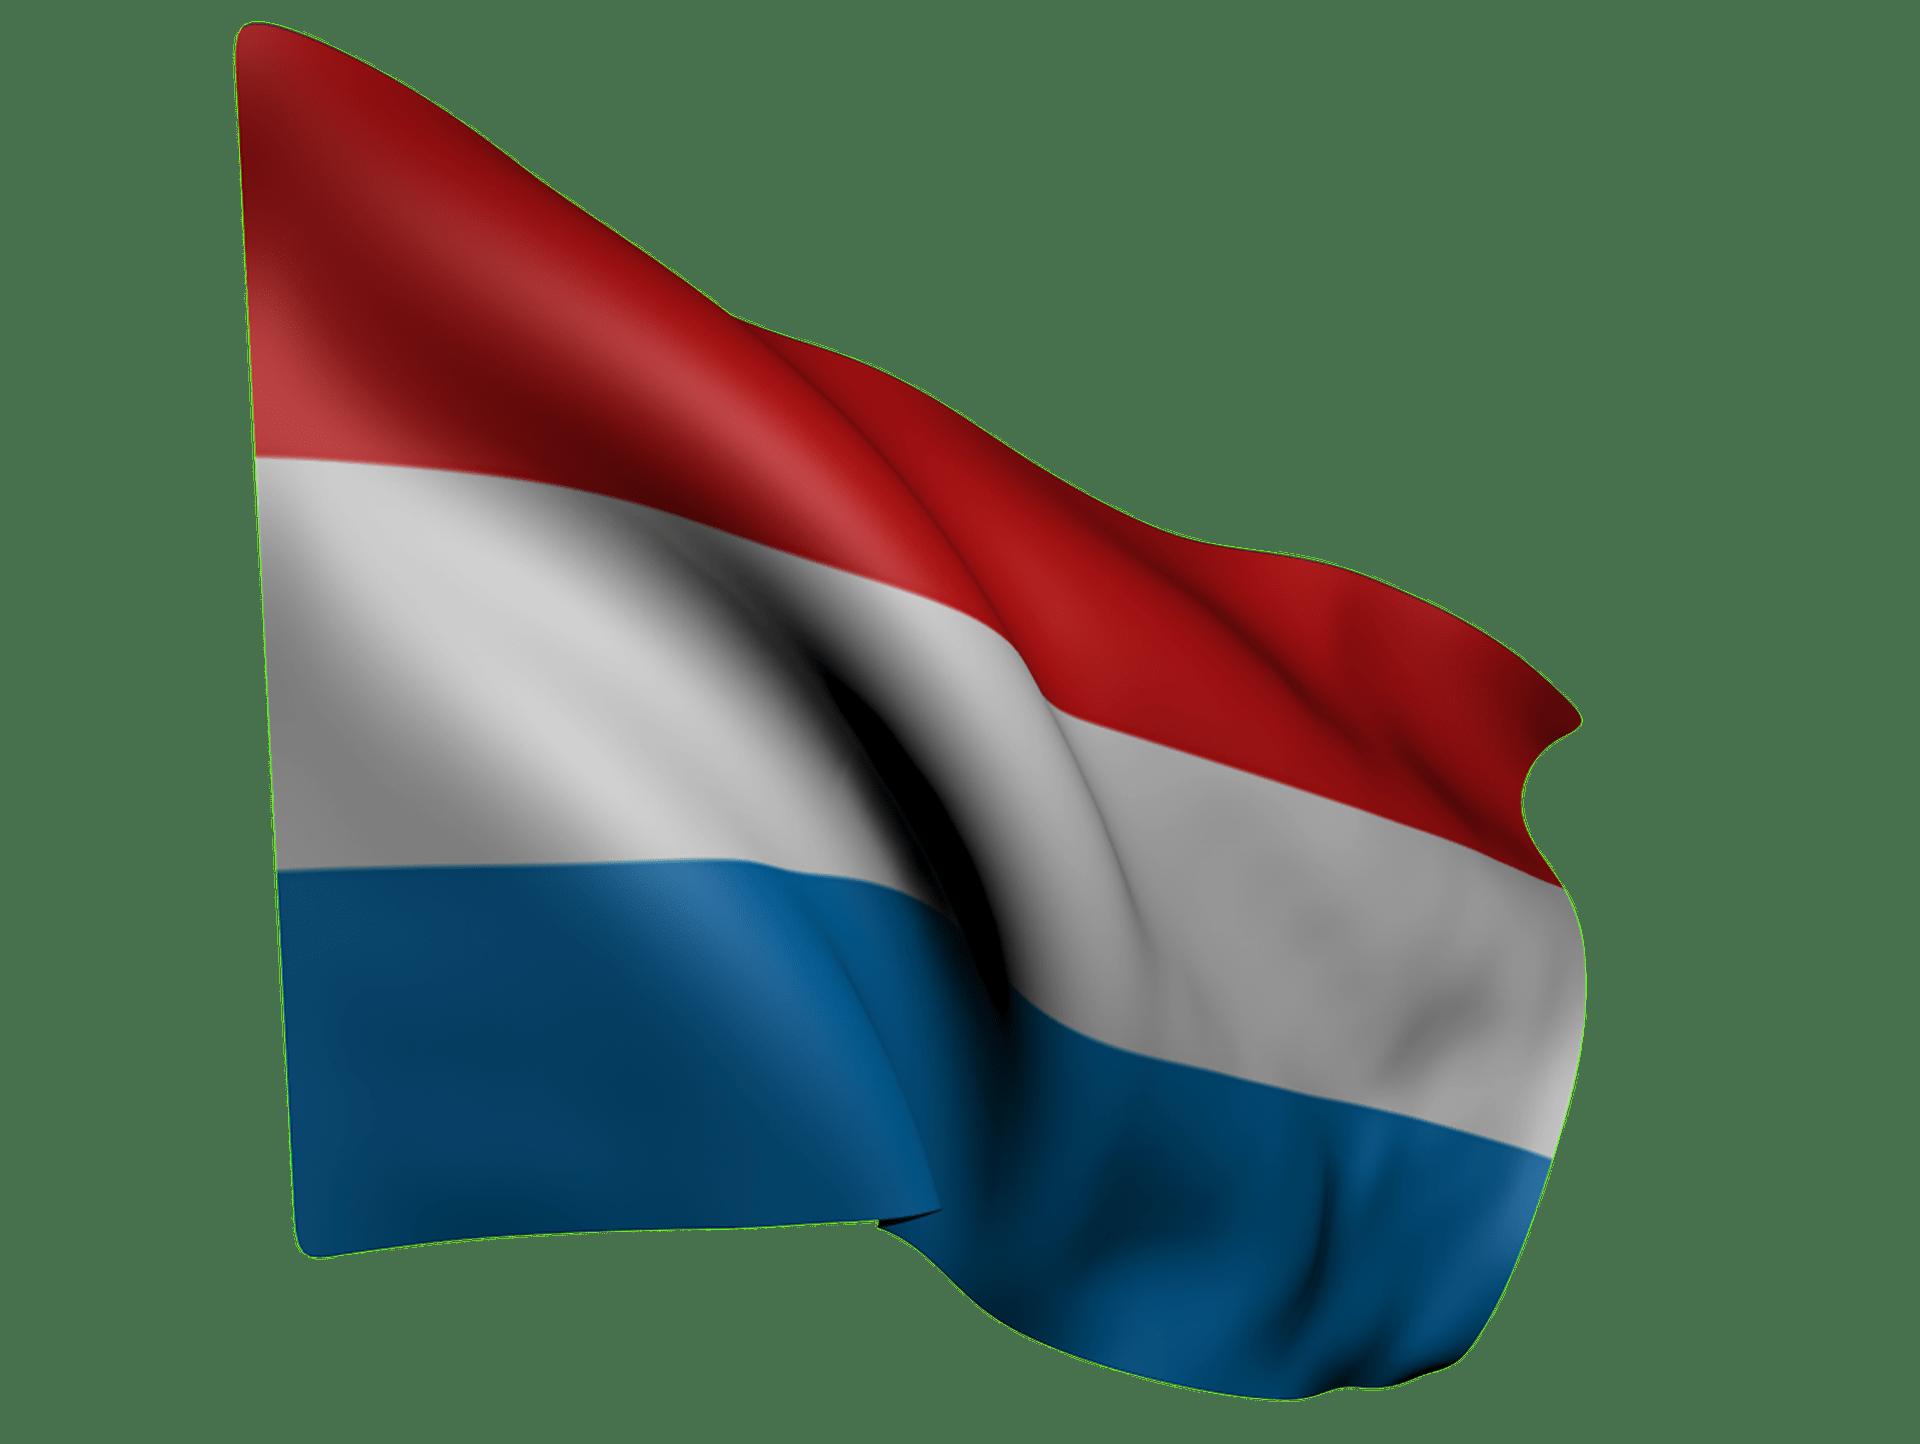 Législation luxembourgeoise sur le cannabis